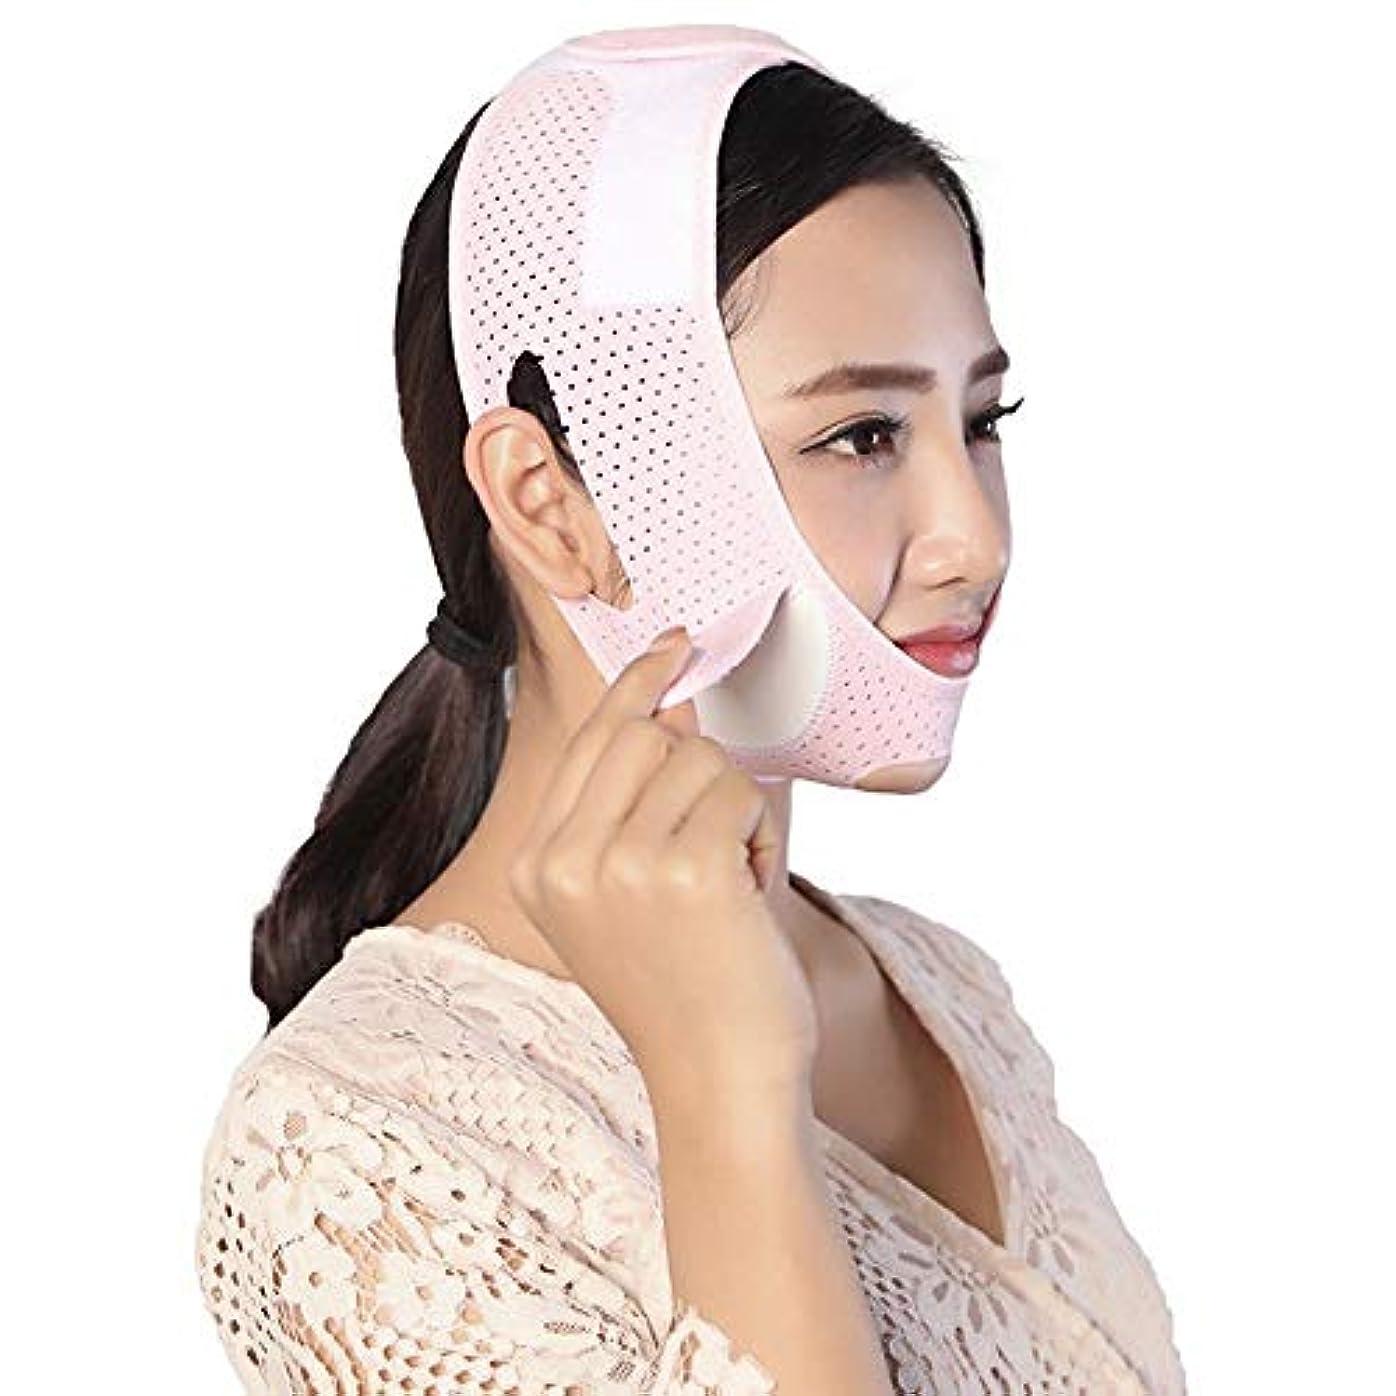 二十テスト間隔Minmin フェイシャルリフティング痩身ベルト - 圧縮二重あご減量ベルトスキンケア薄い顔包帯 みんみんVラインフェイスマスク